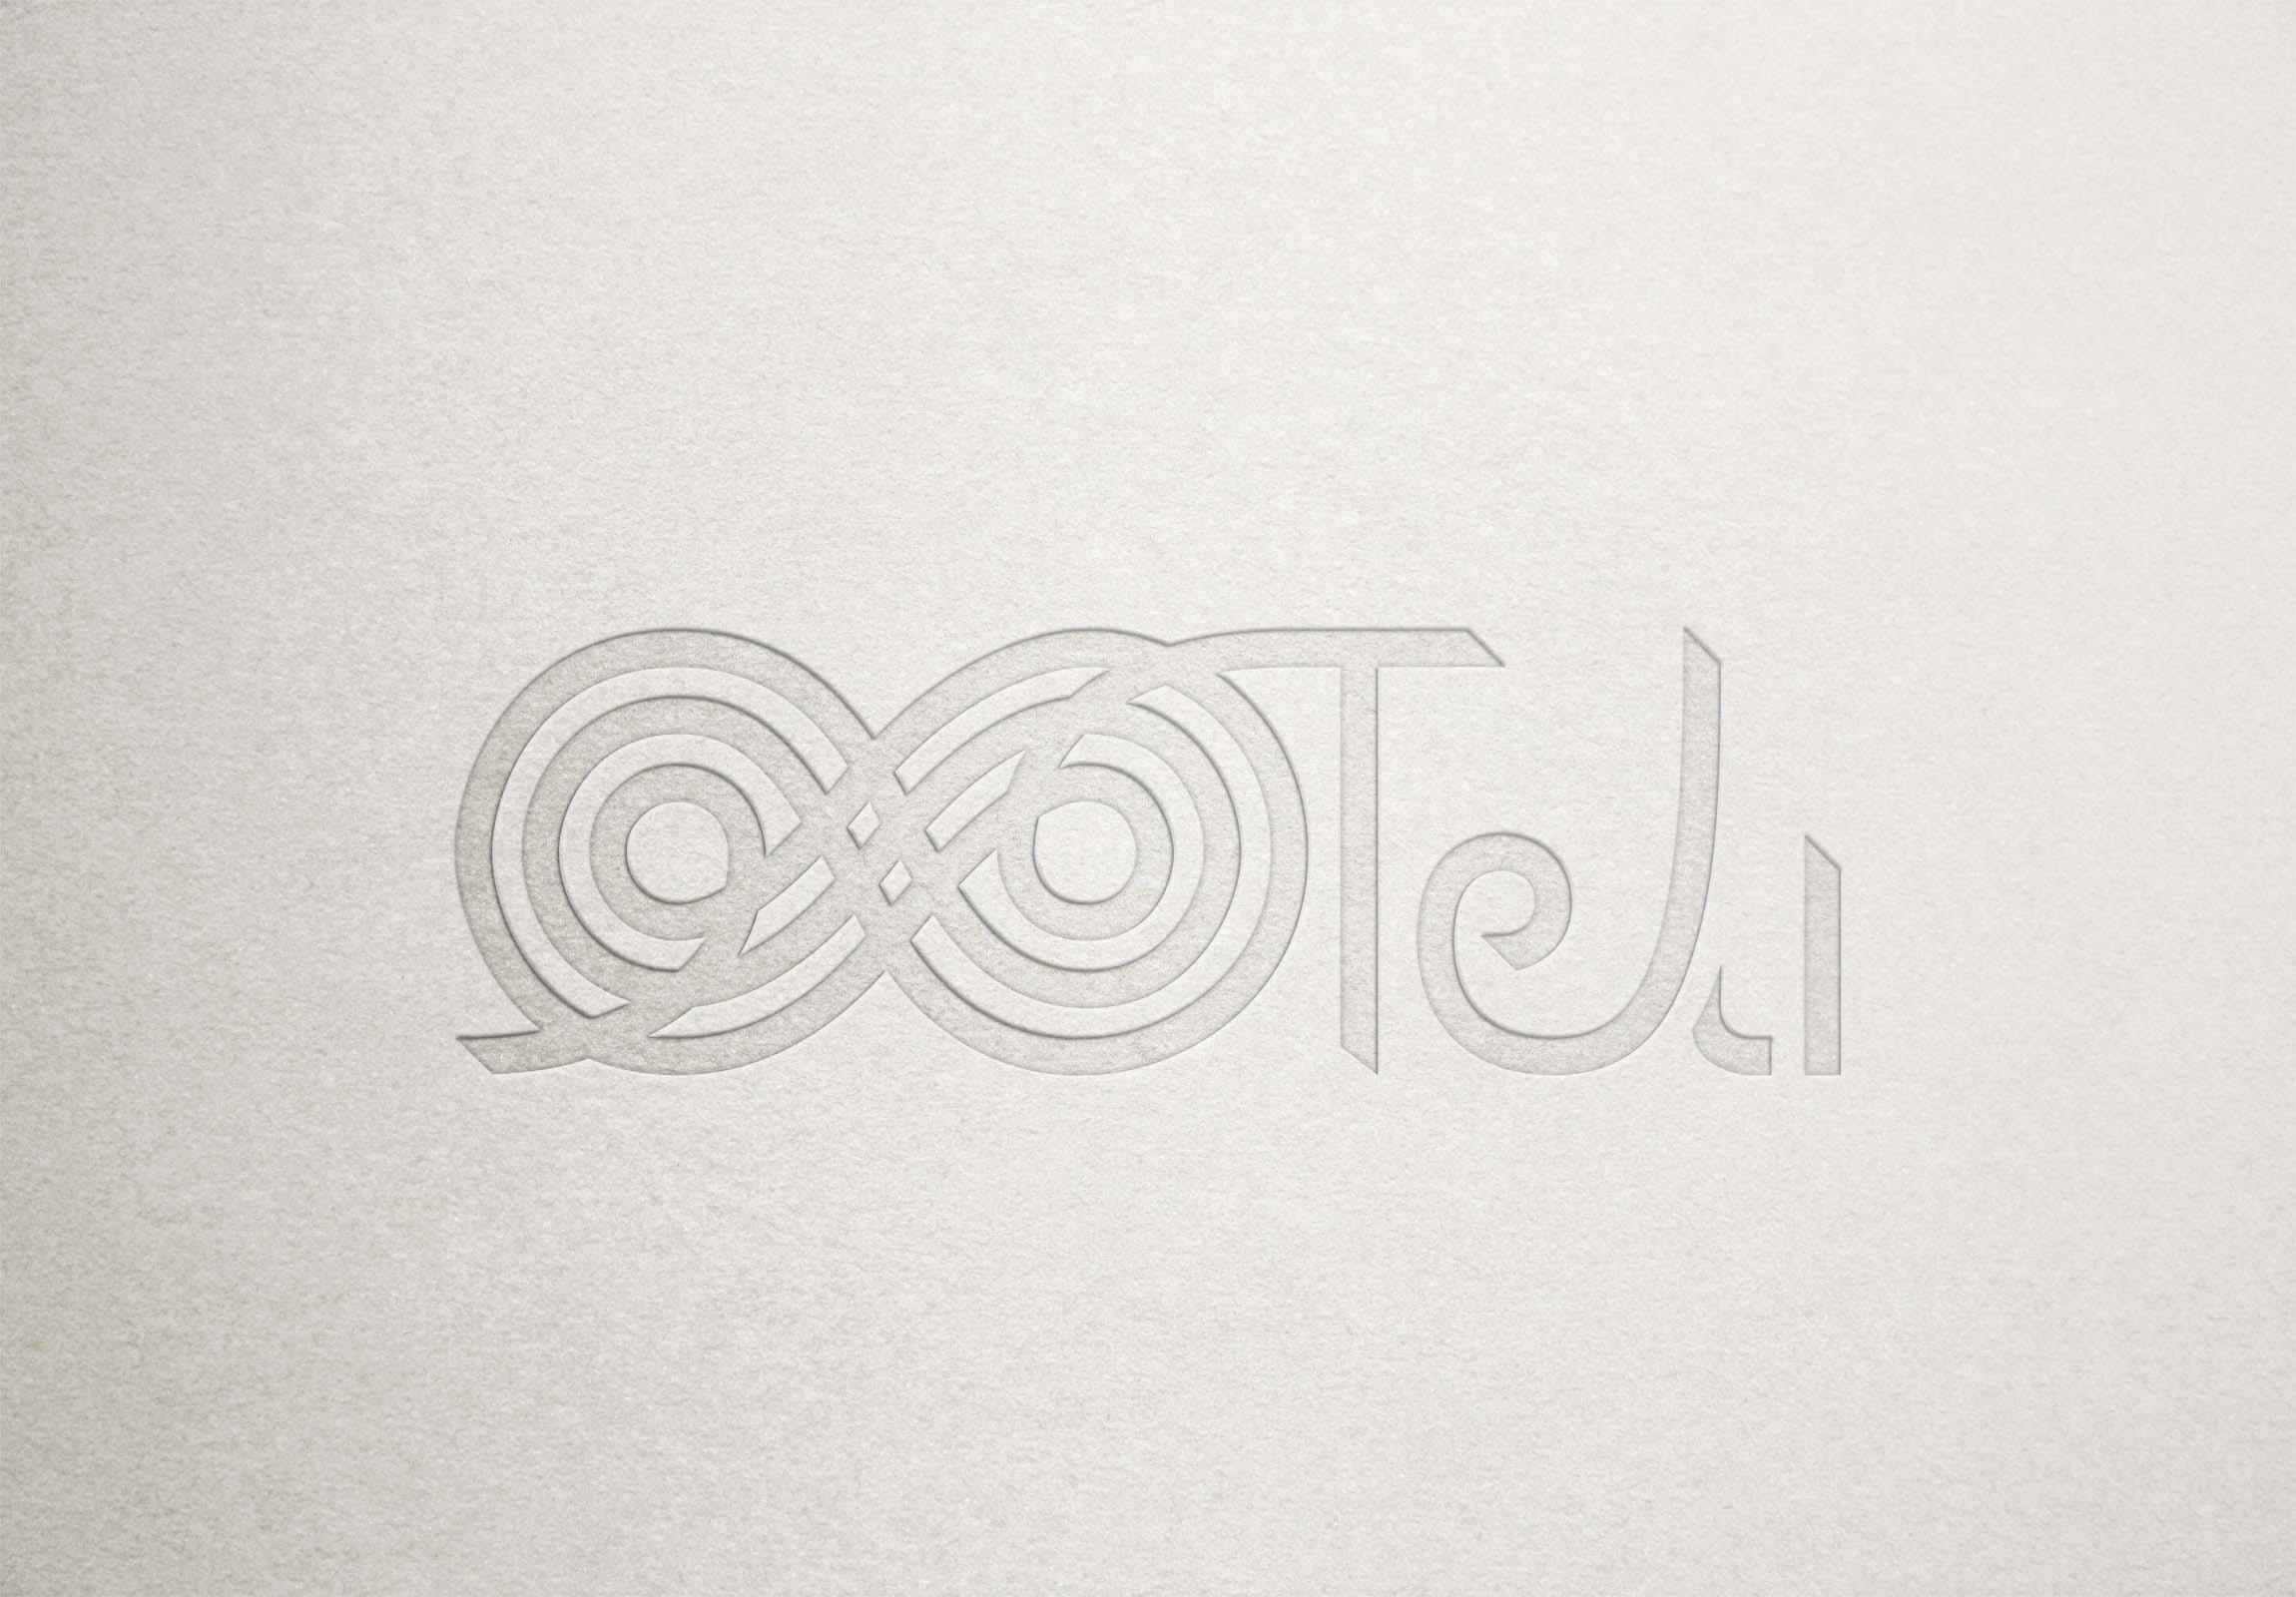 Разработка логотипа и фирменного стиля фото f_26558fdf6c3b85d8.jpg